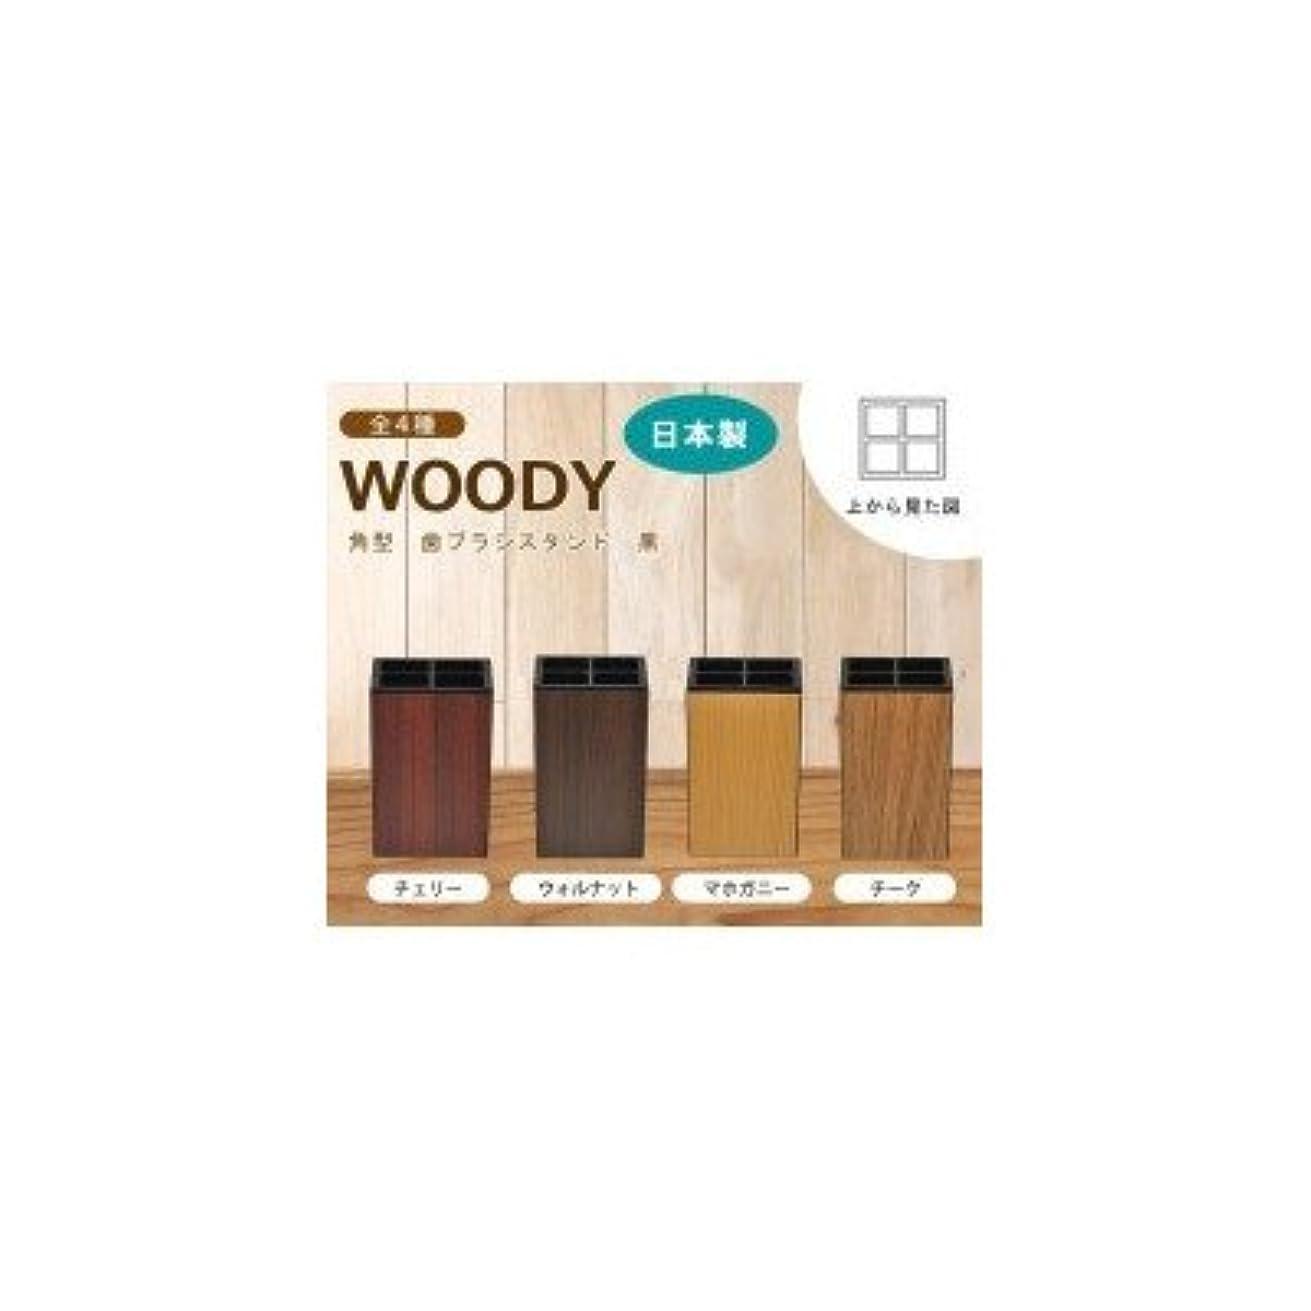 一口交じるキャラバン日本製 WOODY ウッディ 角型 歯ブラシスタンド 黒 チーク・13-450369( 画像はイメージ画像です お届けの商品はチーク・13-450369のみとなります)